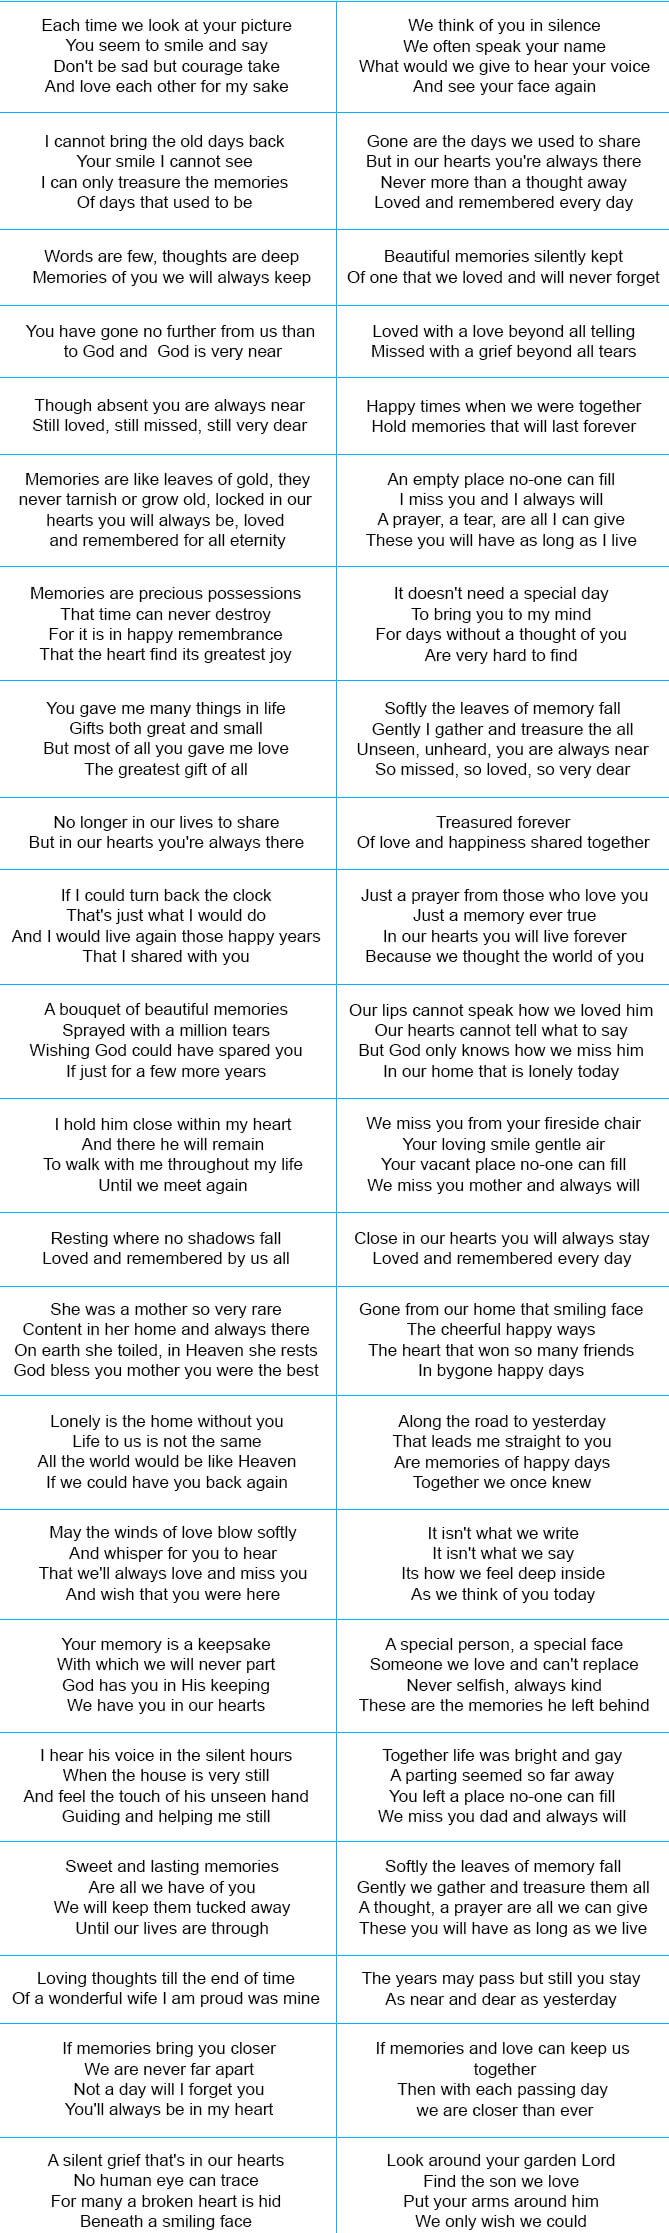 example-Verses